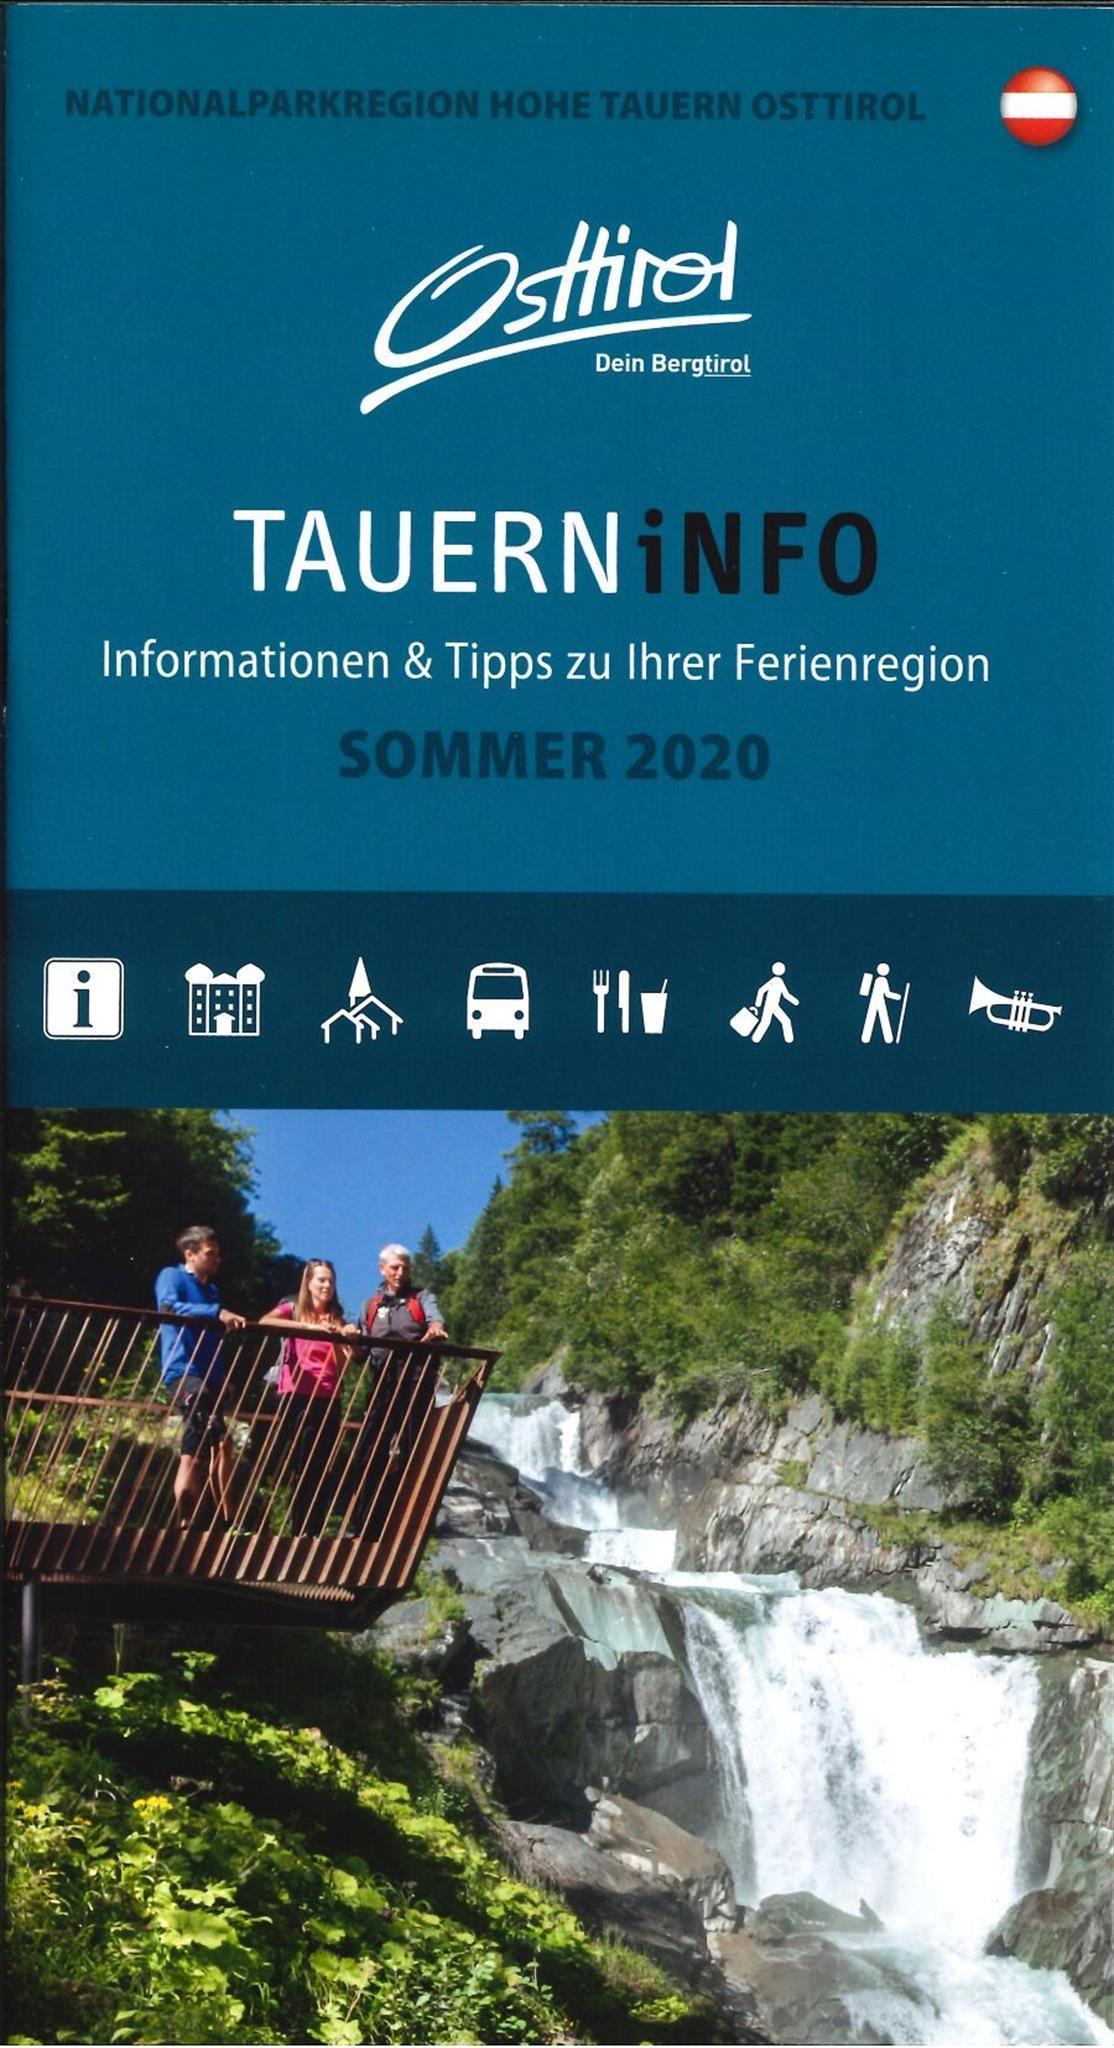 Tauern-Info-2020.jpg